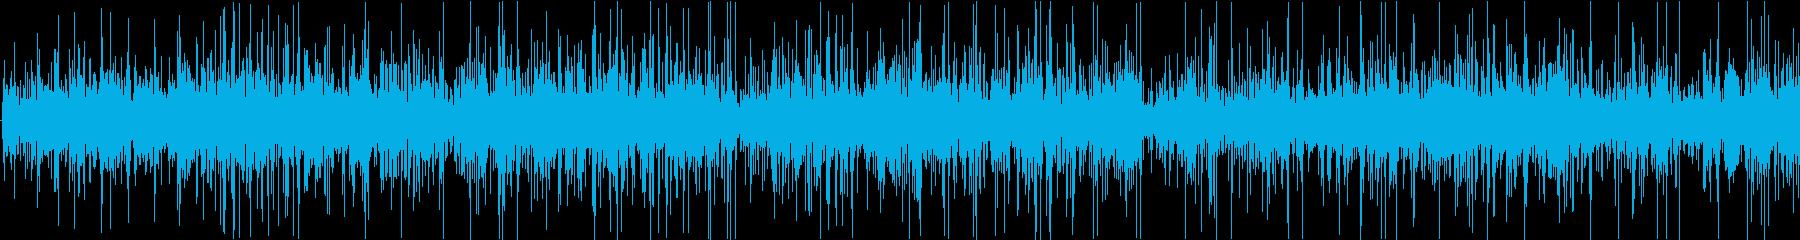 ジュー、ピチピチ(油で揚げる音)の再生済みの波形